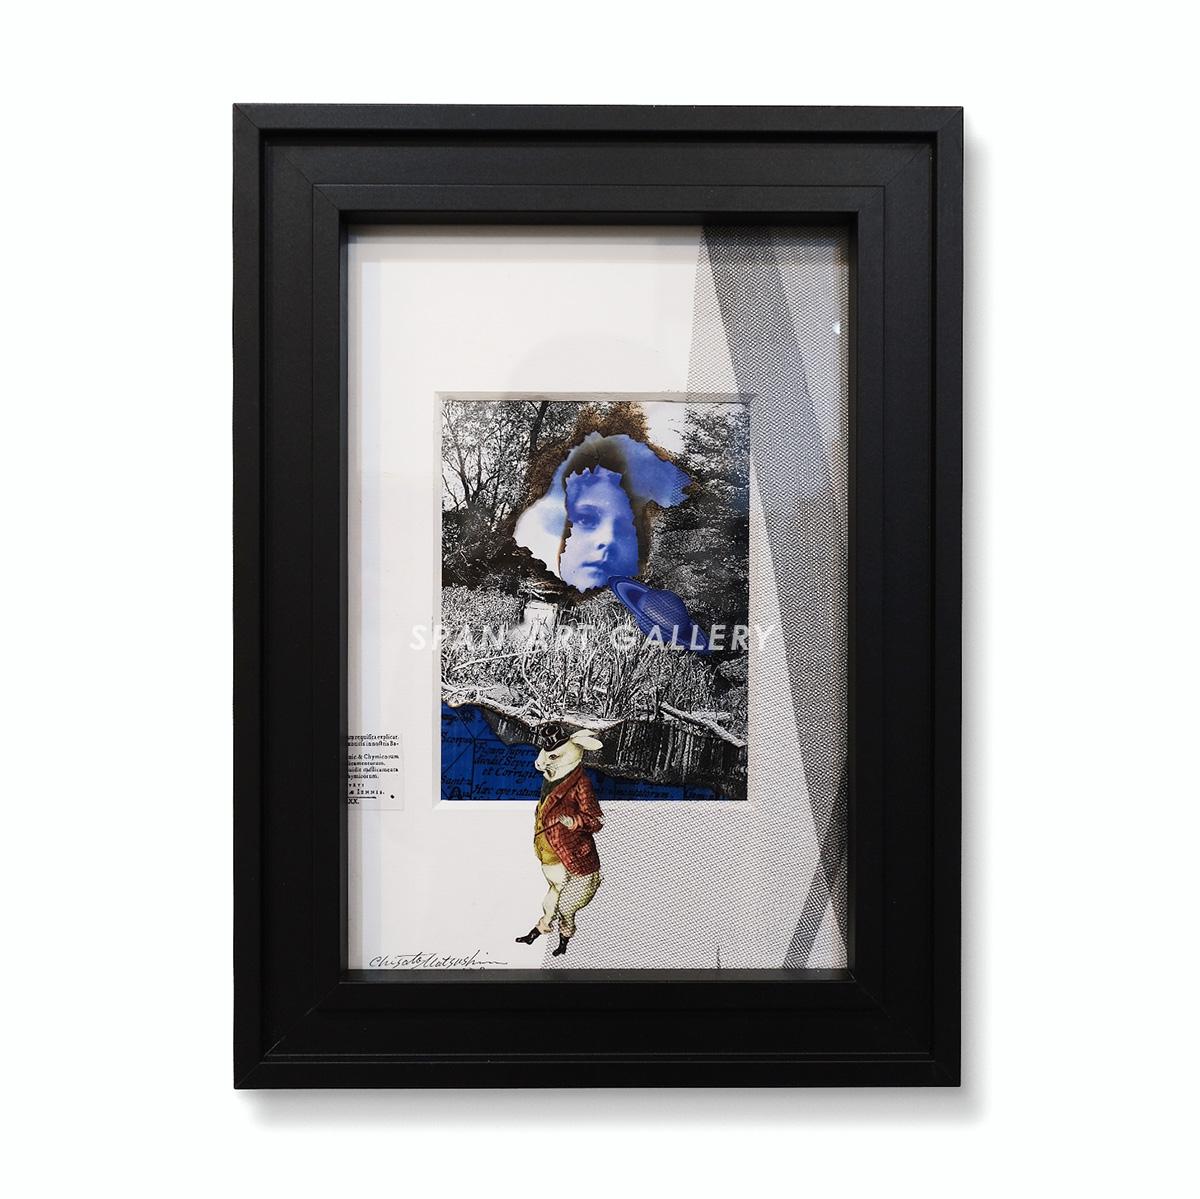 松島智里 平面作品『なにか美しい空想』